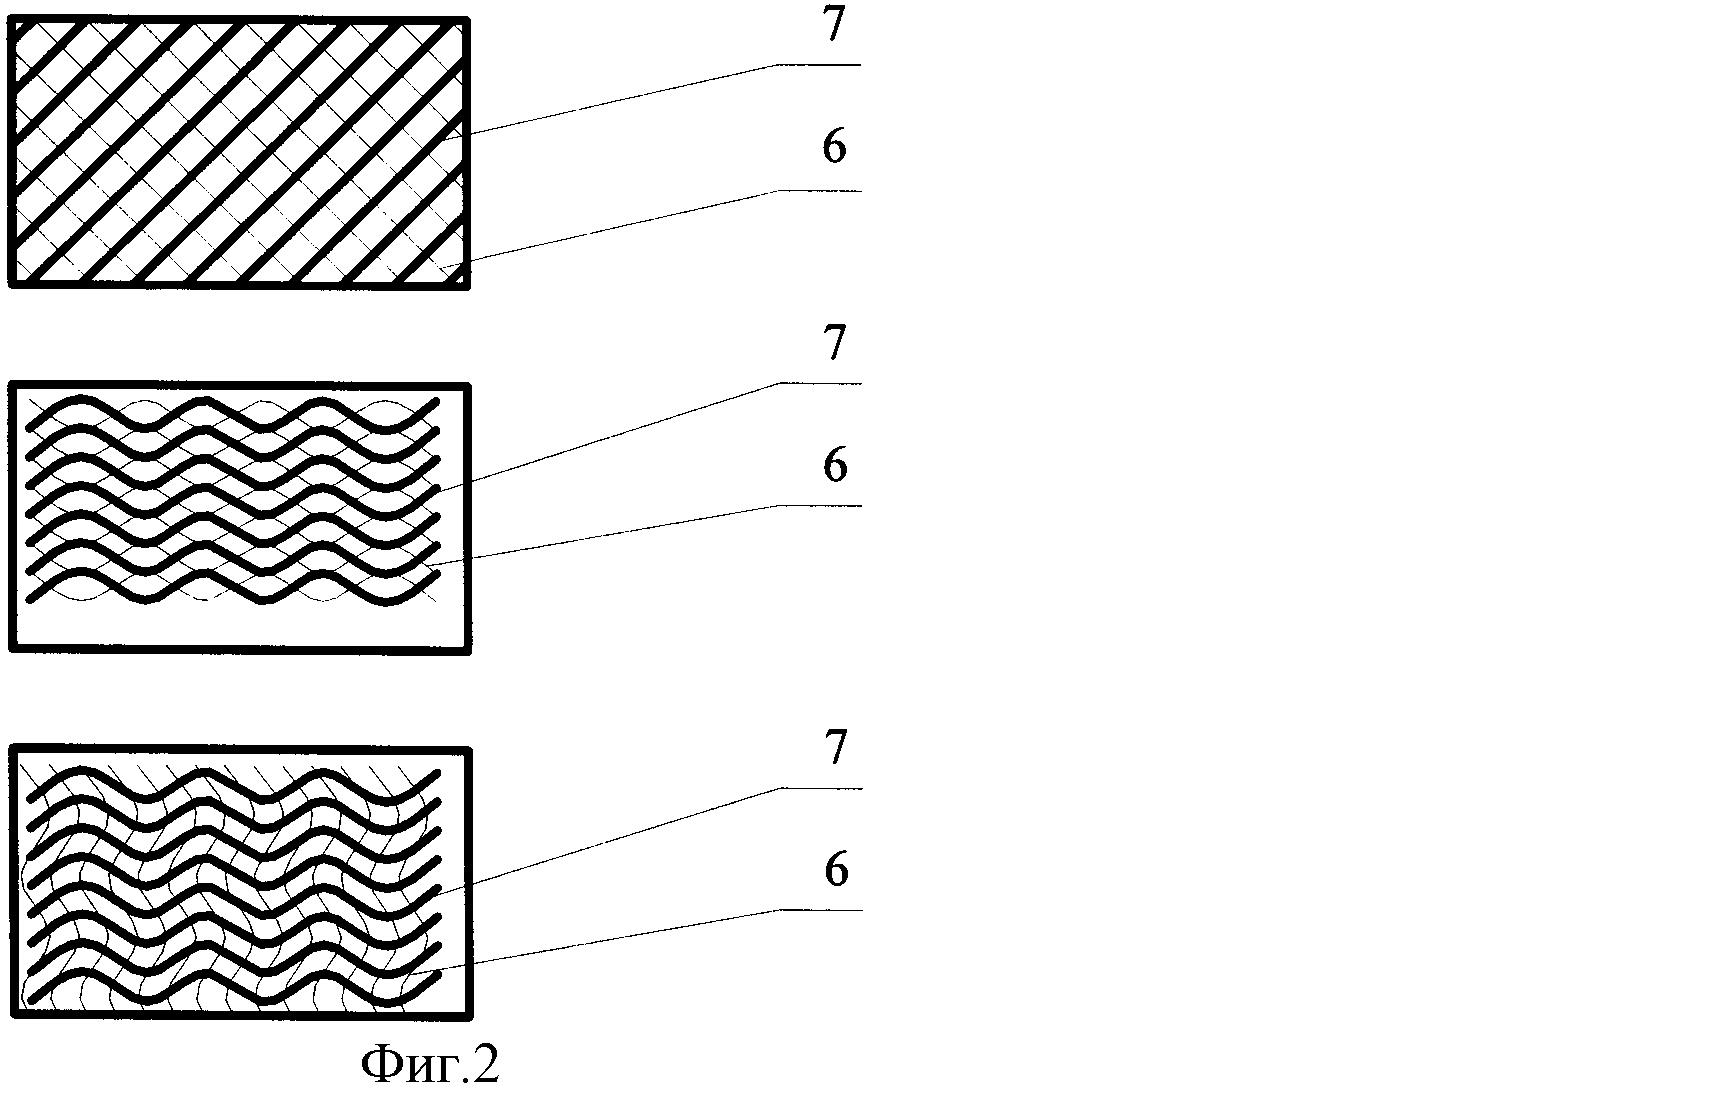 Экструзионный способ получения композитных материалов